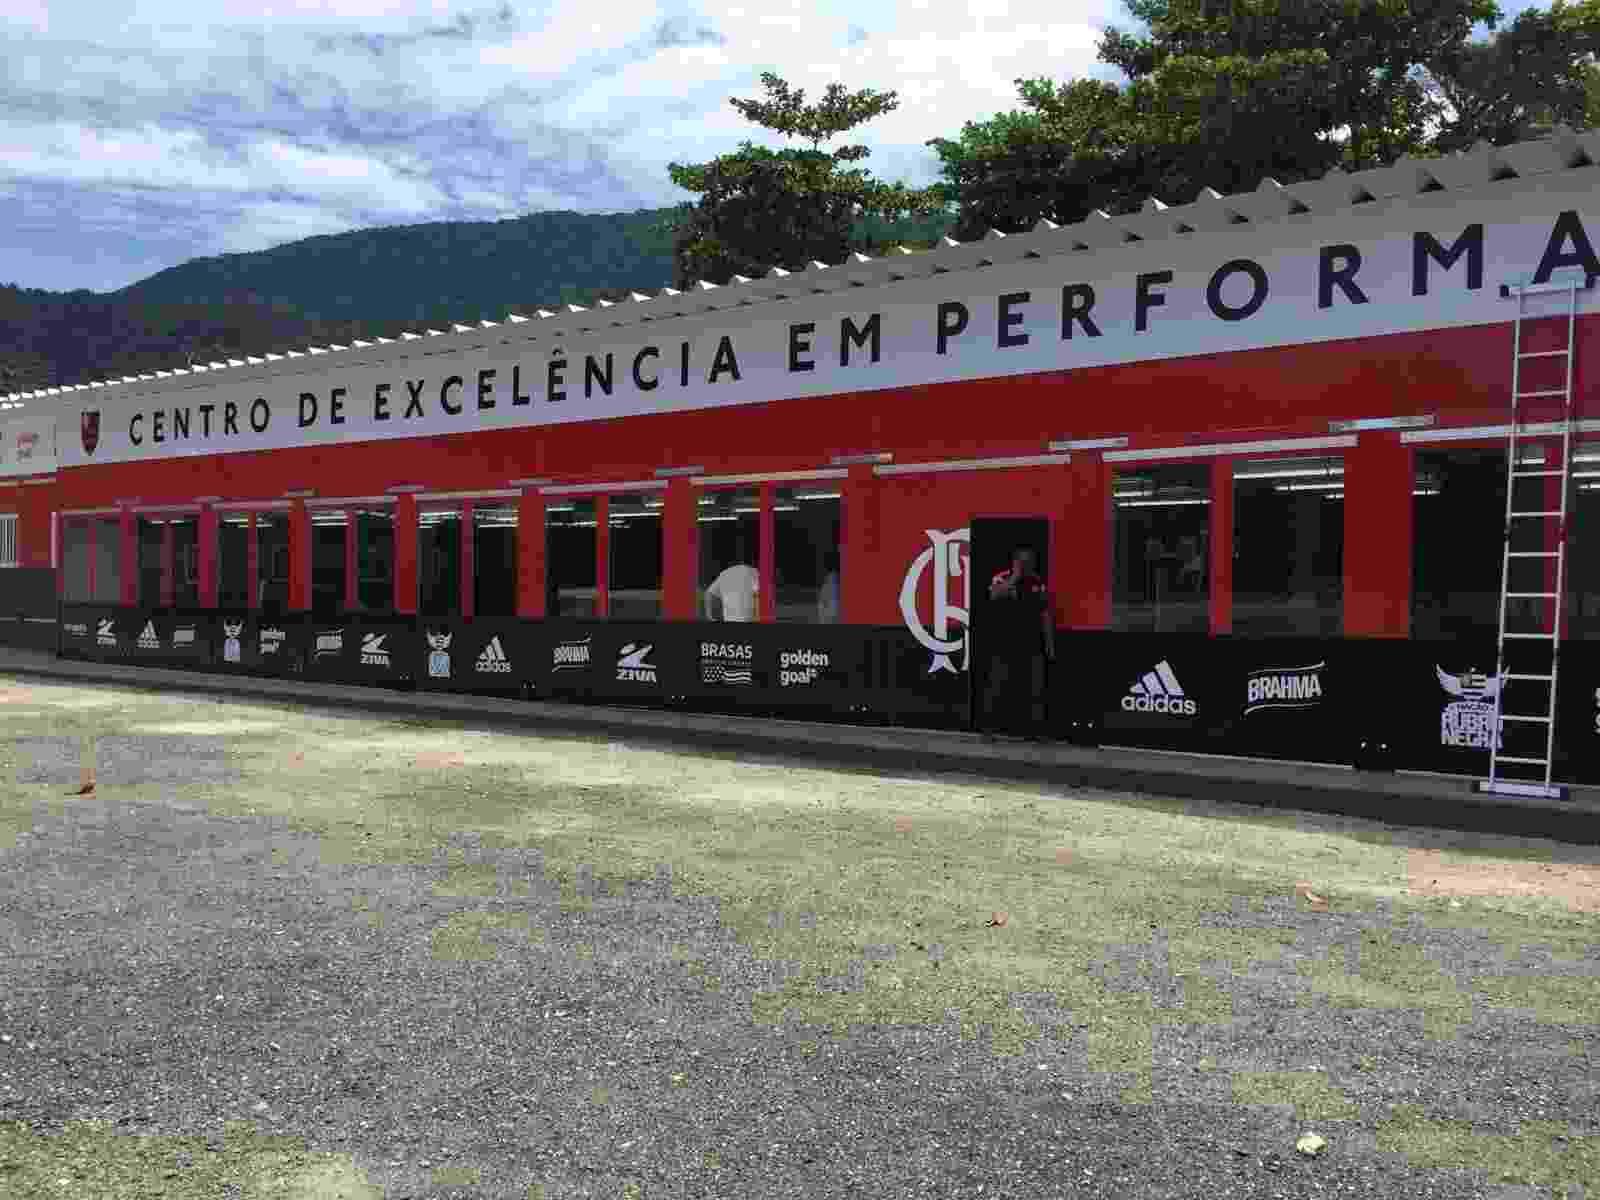 O CT Ninho do Urubu conta agora com um Centro de Excelência em Performance - Divulgação/Flamengo